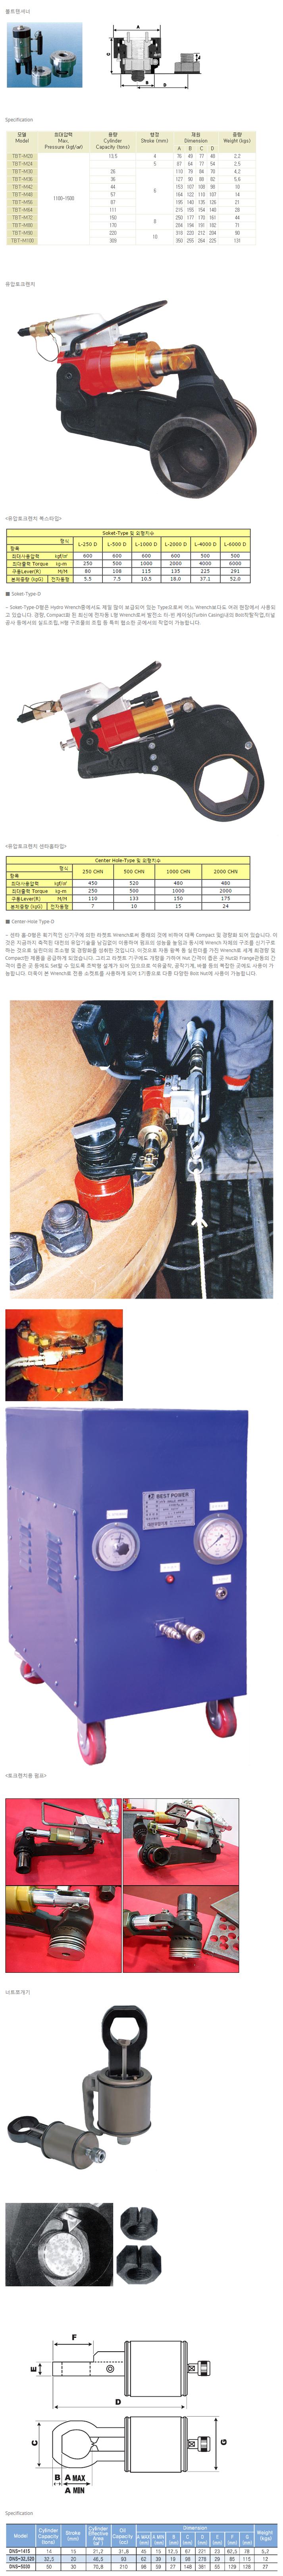 (주)대천유압기계 볼트 체결 장비  1